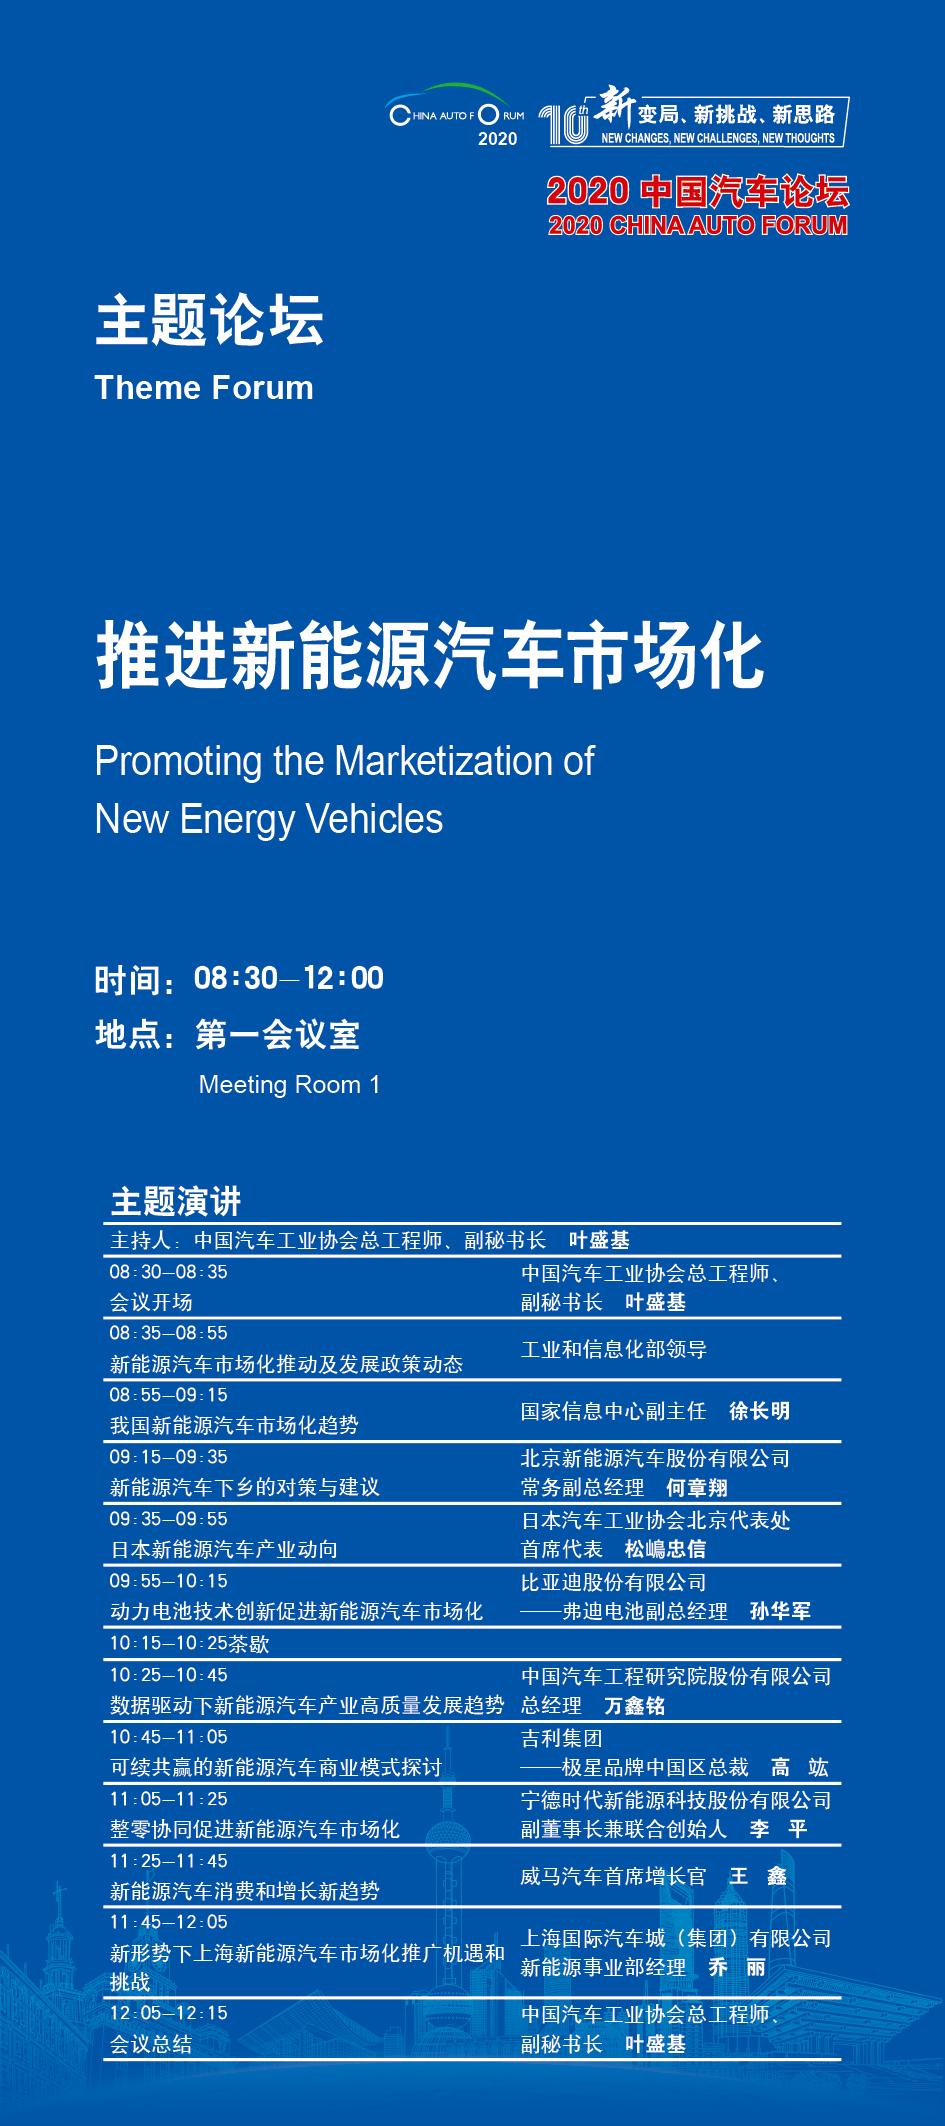 """为发展""""清障"""",2020中国汽车论坛直面新能源汽车市场化挑战"""